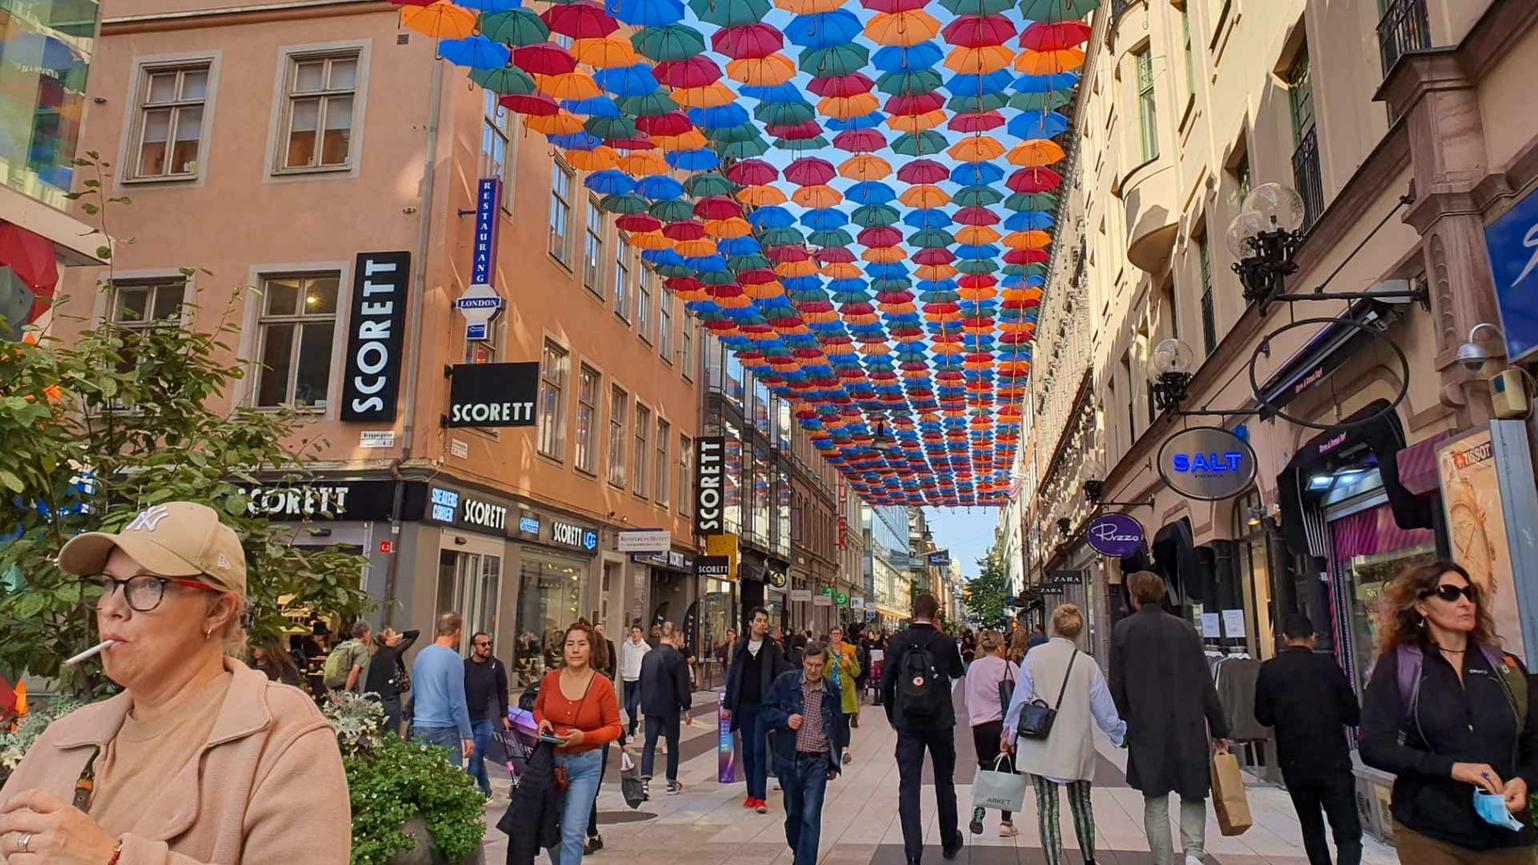 Umbrella Sky Project - Stockholm'20